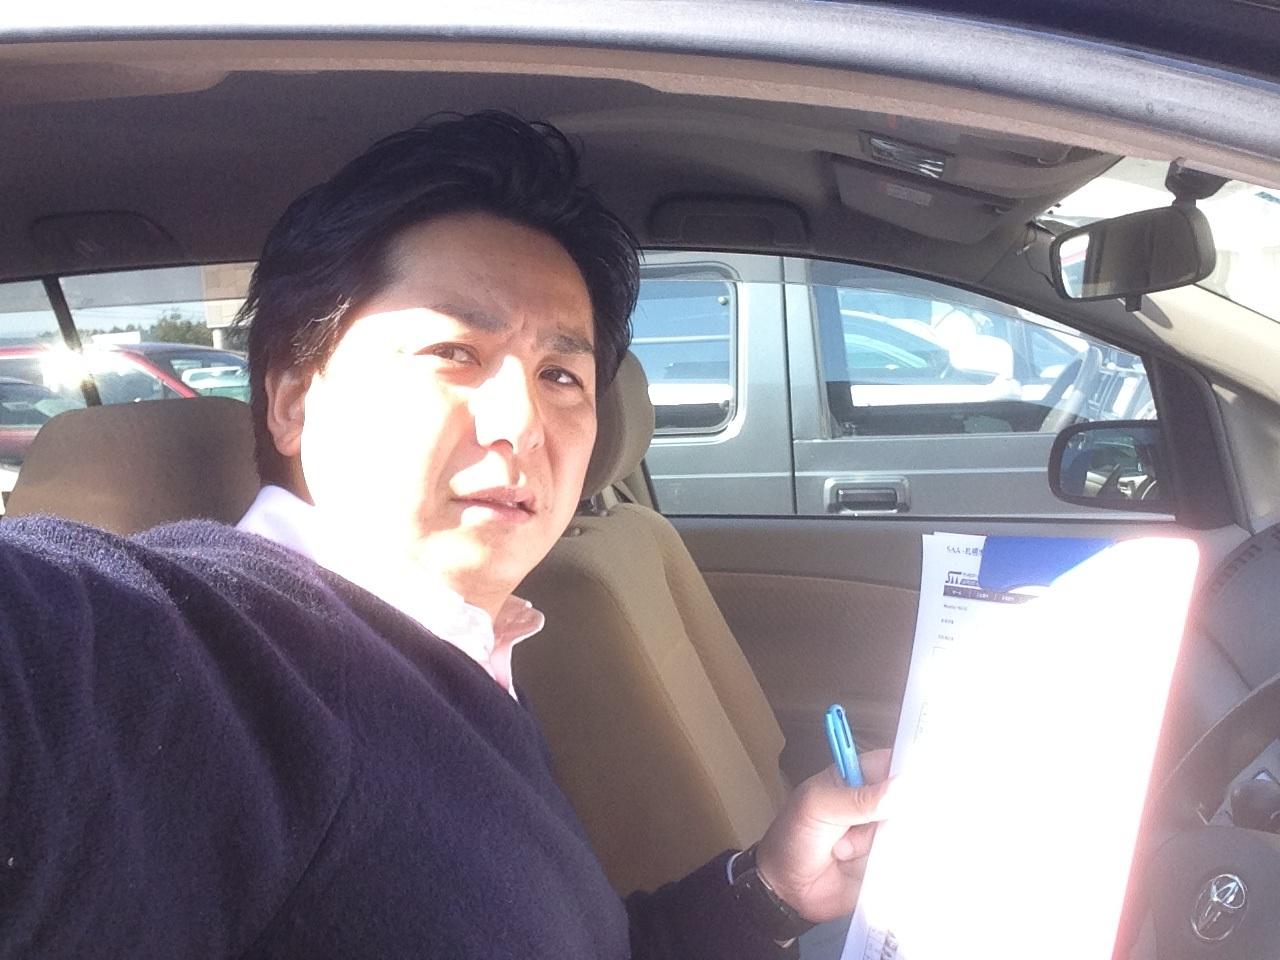 10月7日(火)W様ライフダンク納車☆103円カー☆軽自動車♪_b0127002_1940366.jpg